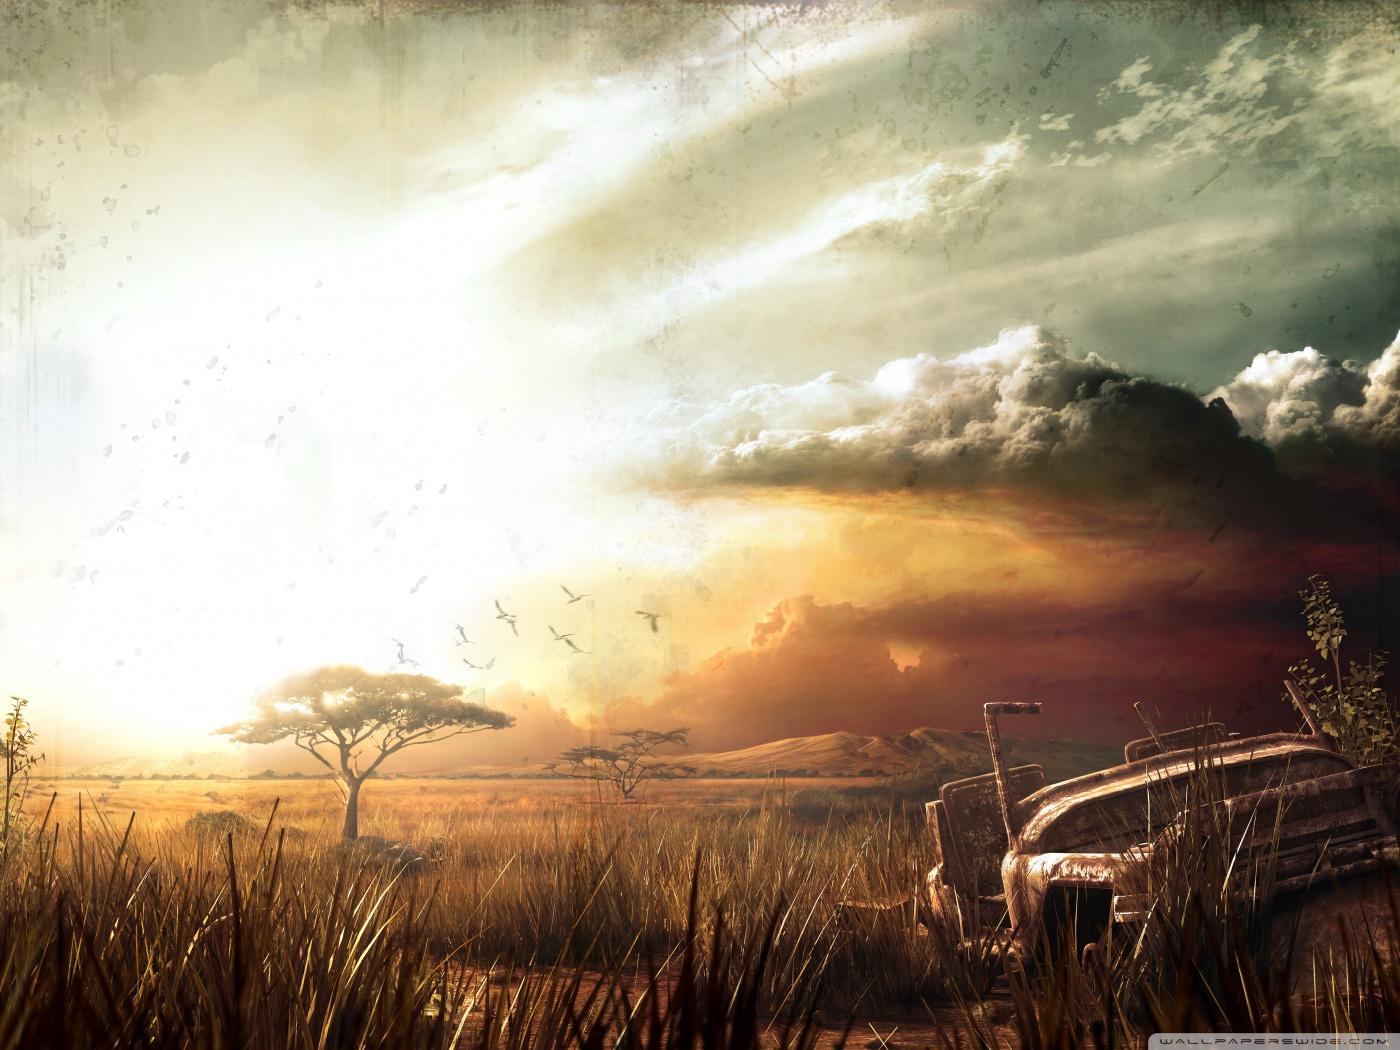 Dual Monitor Wallpaper Hd Far Cry 2 Landscape 4k Hd Desktop Wallpaper For 4k Ultra